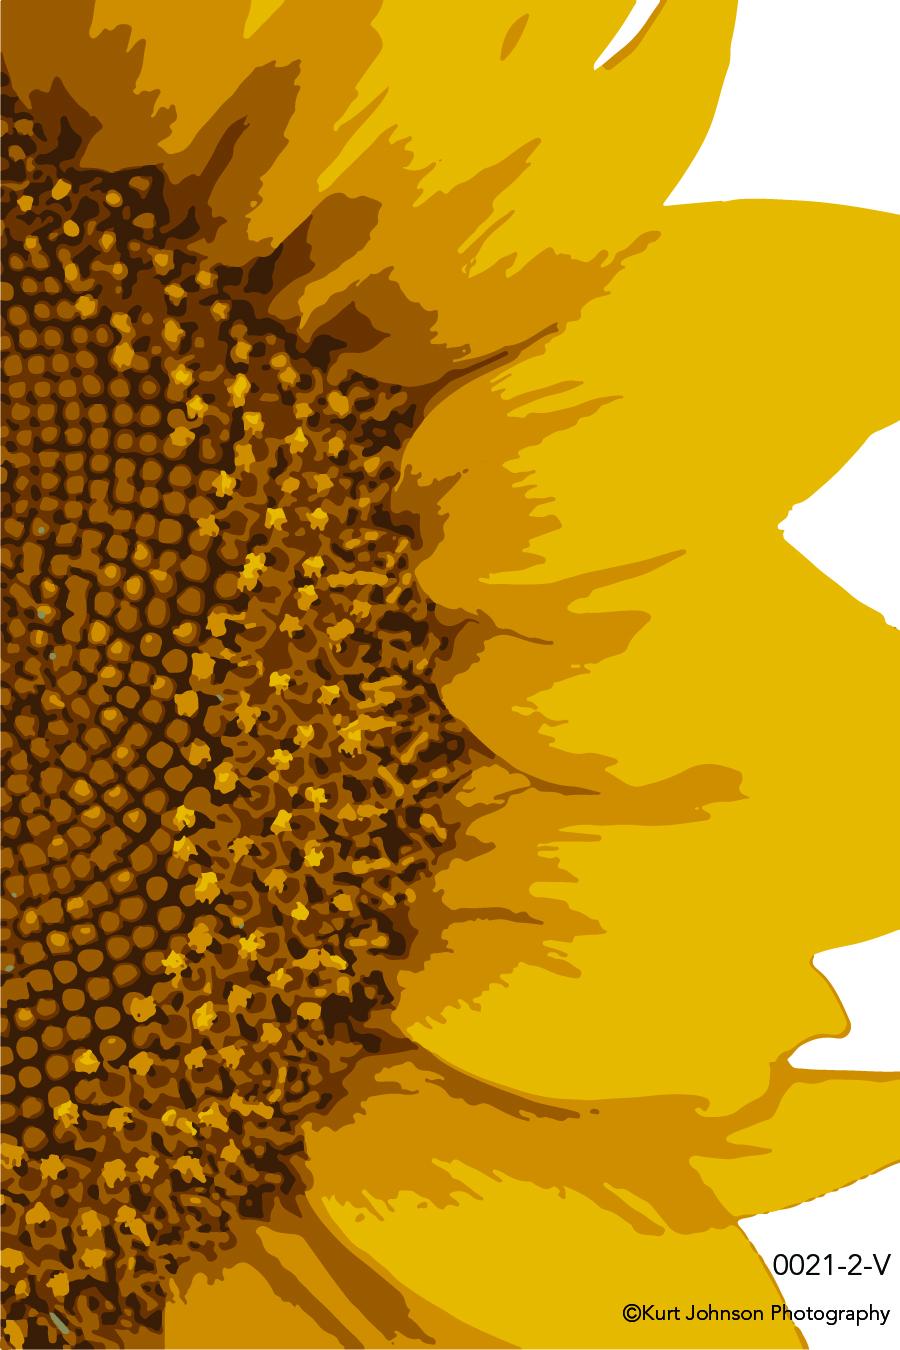 yellow flower vector petals close up detail macro sunflower botanical